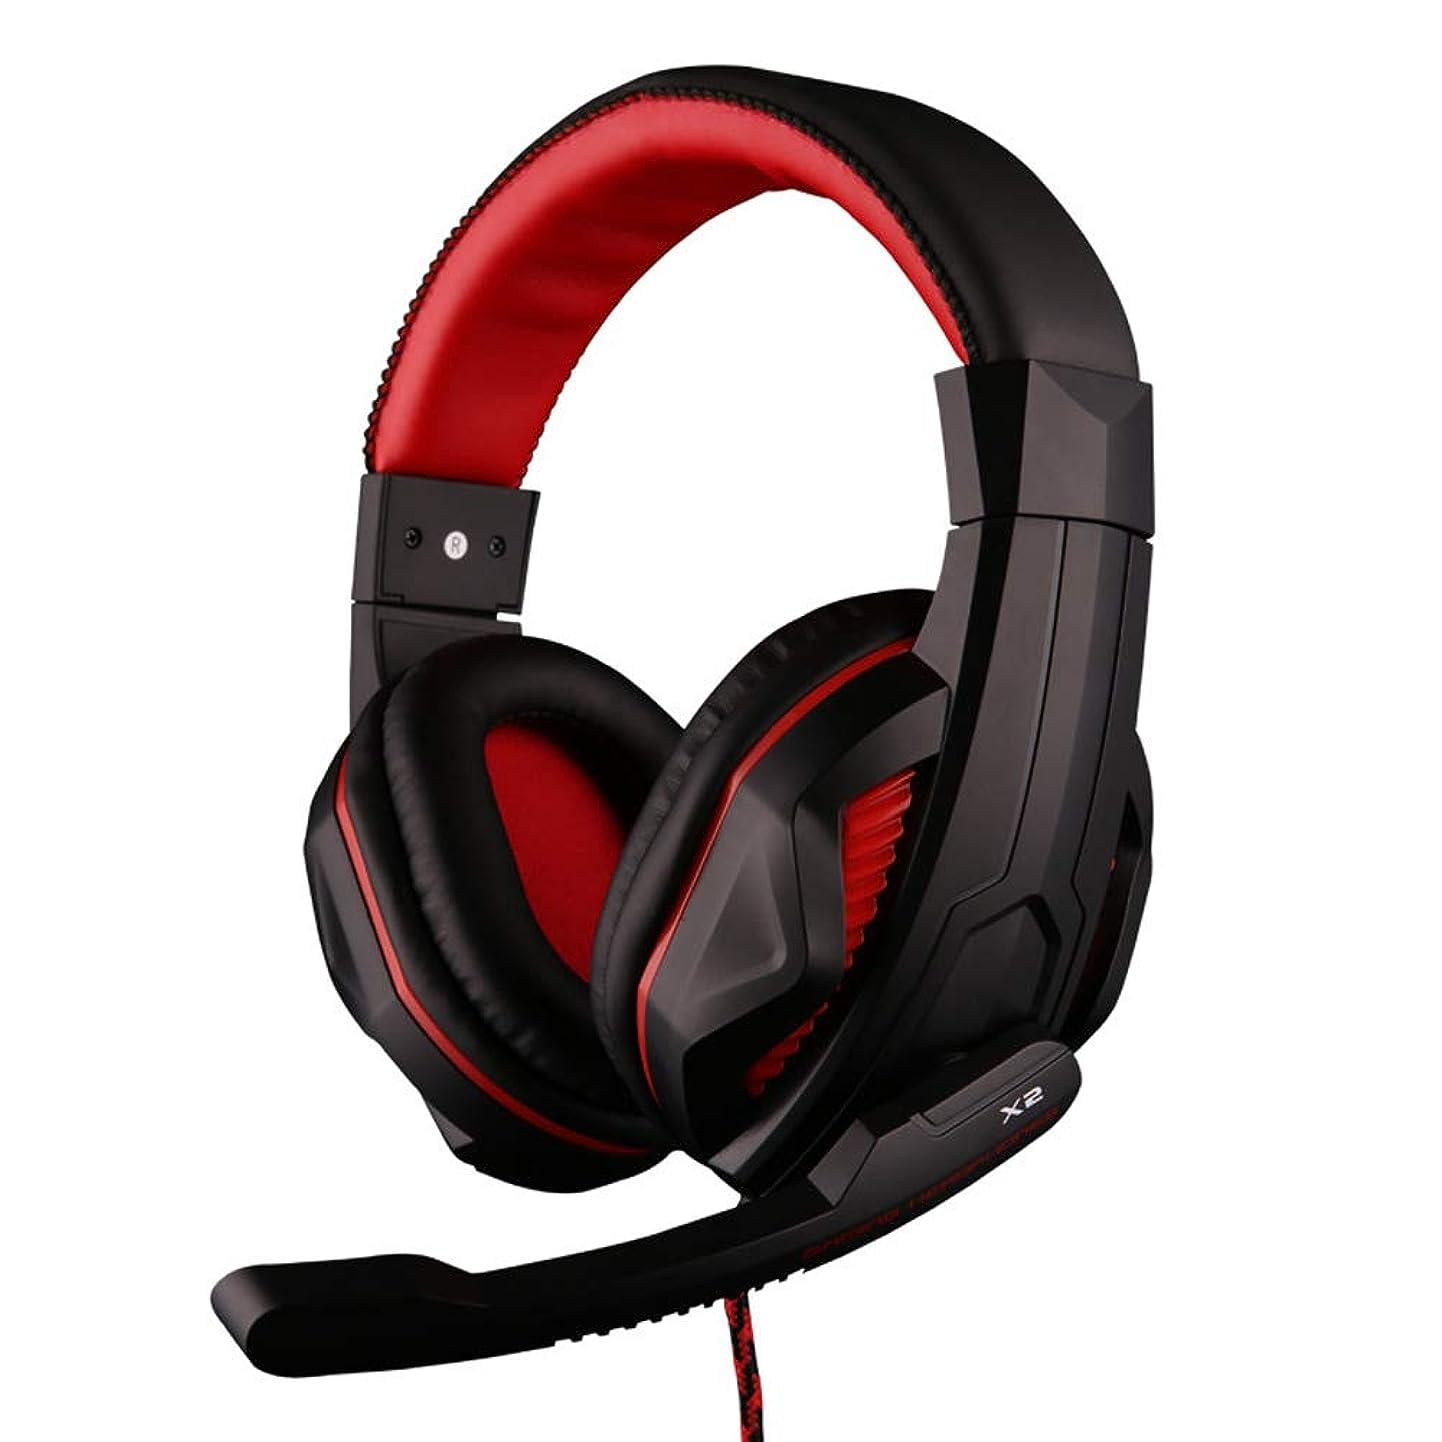 クリープあいさつ分散CAFUTY ゲーム用ヘッドフォンステレオサウンドオーバーアイアンノイズアイソレーション、3.5mm有線ヘッドセット、PC用Xbox One PS4 Ninintedoスイッチ (Color : レッド)